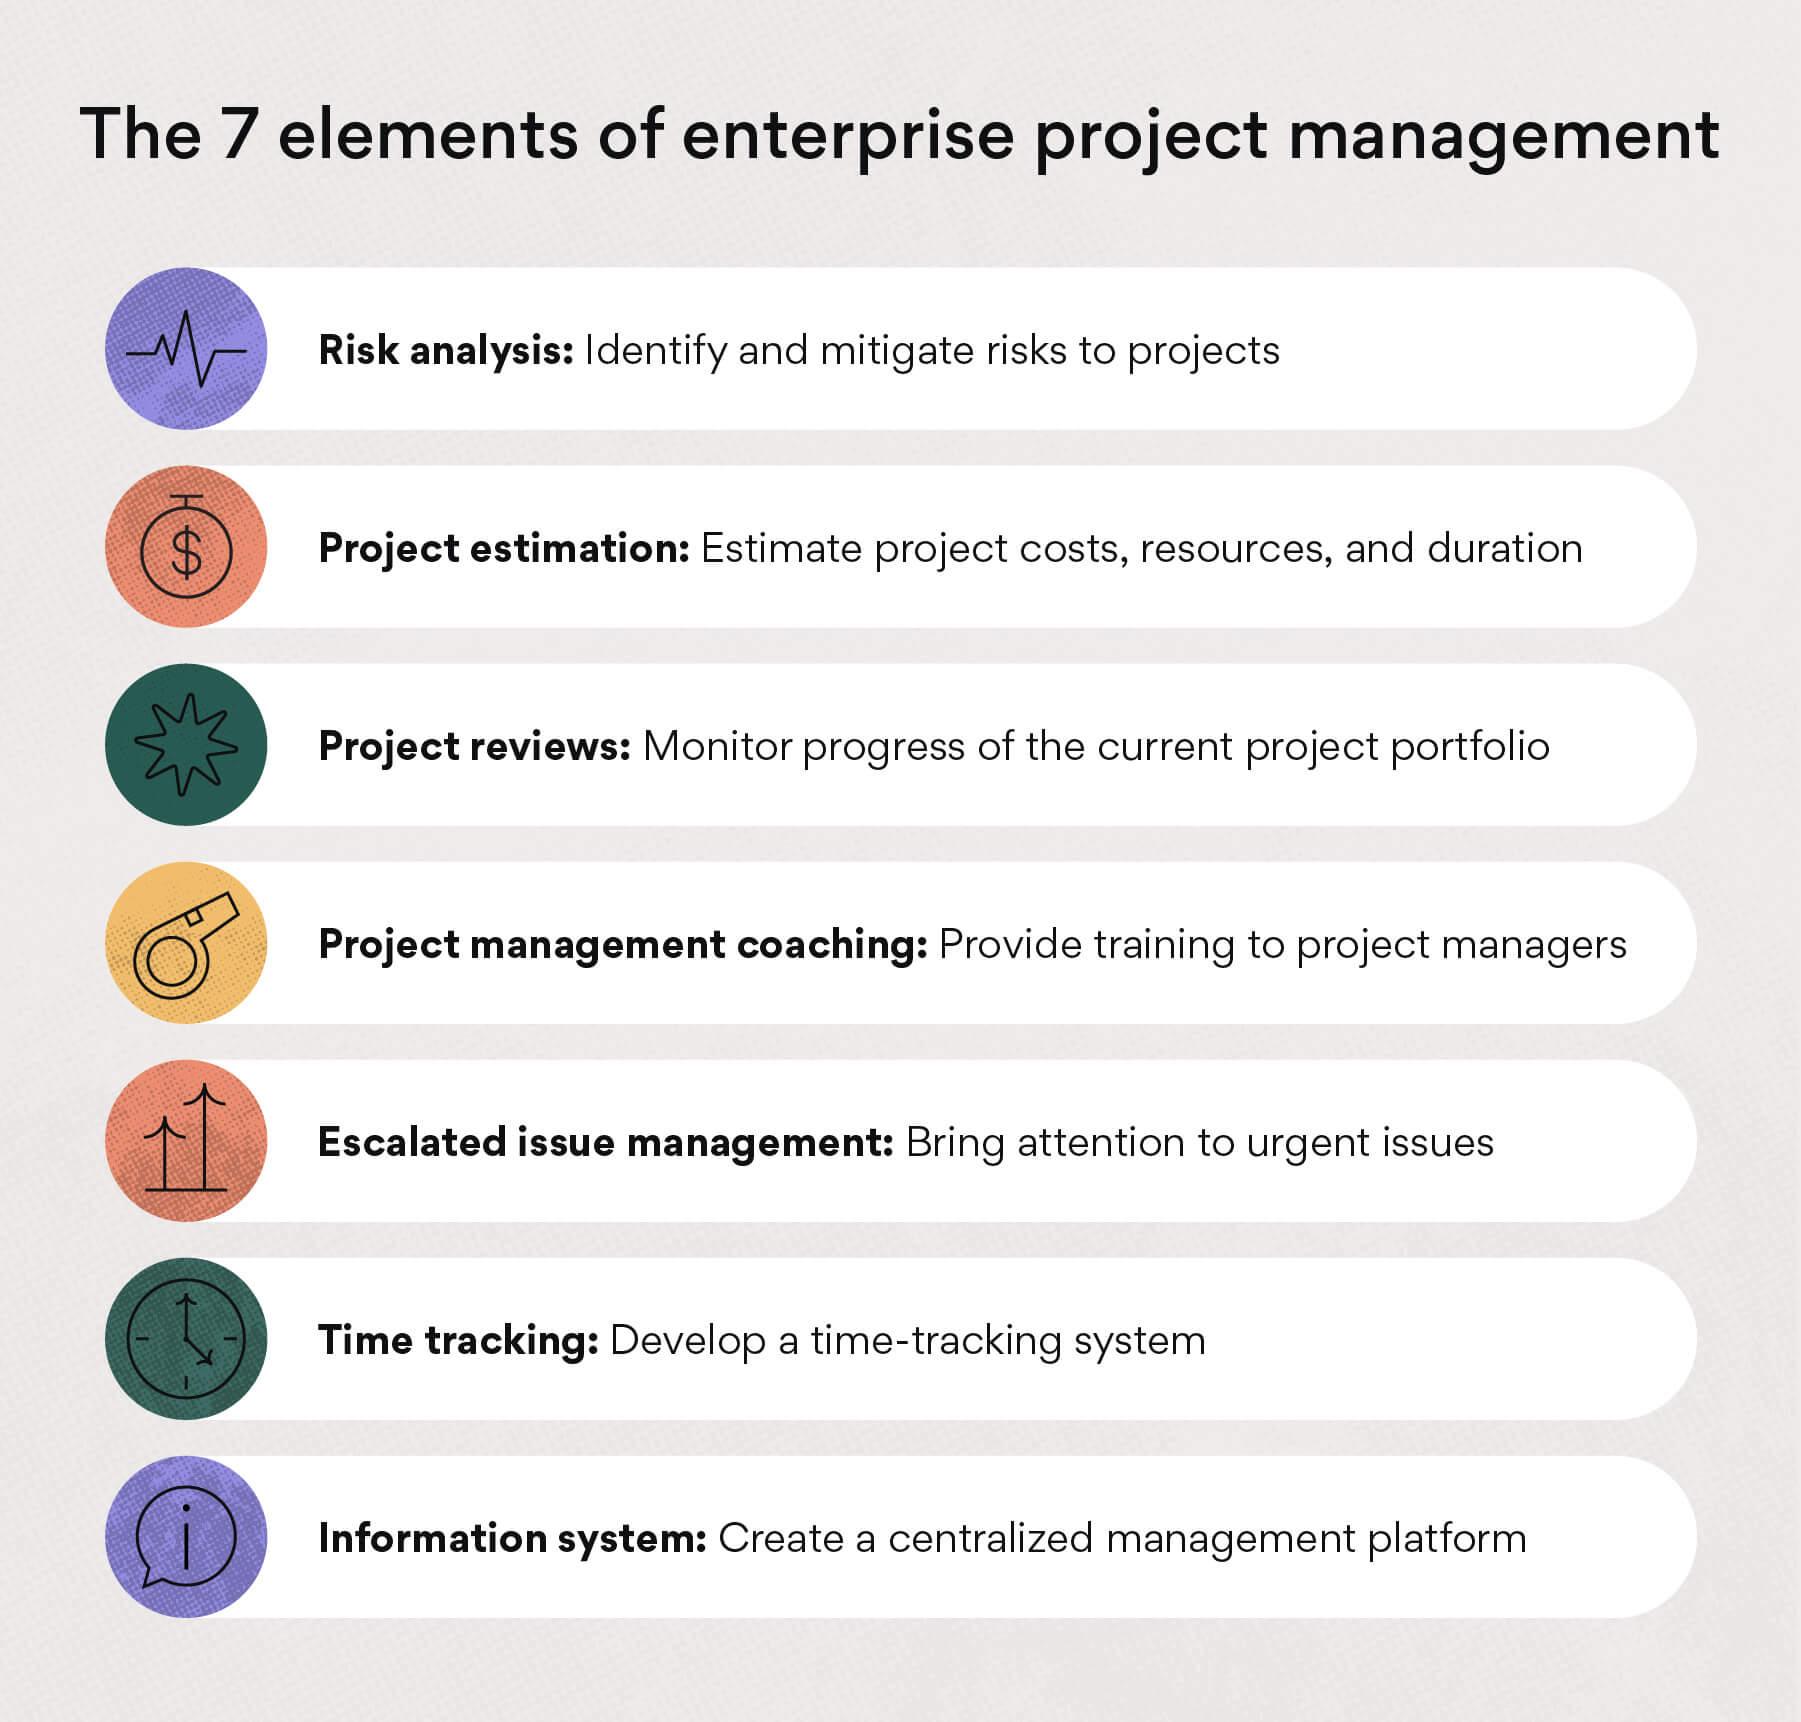 Elements of enterprise project management